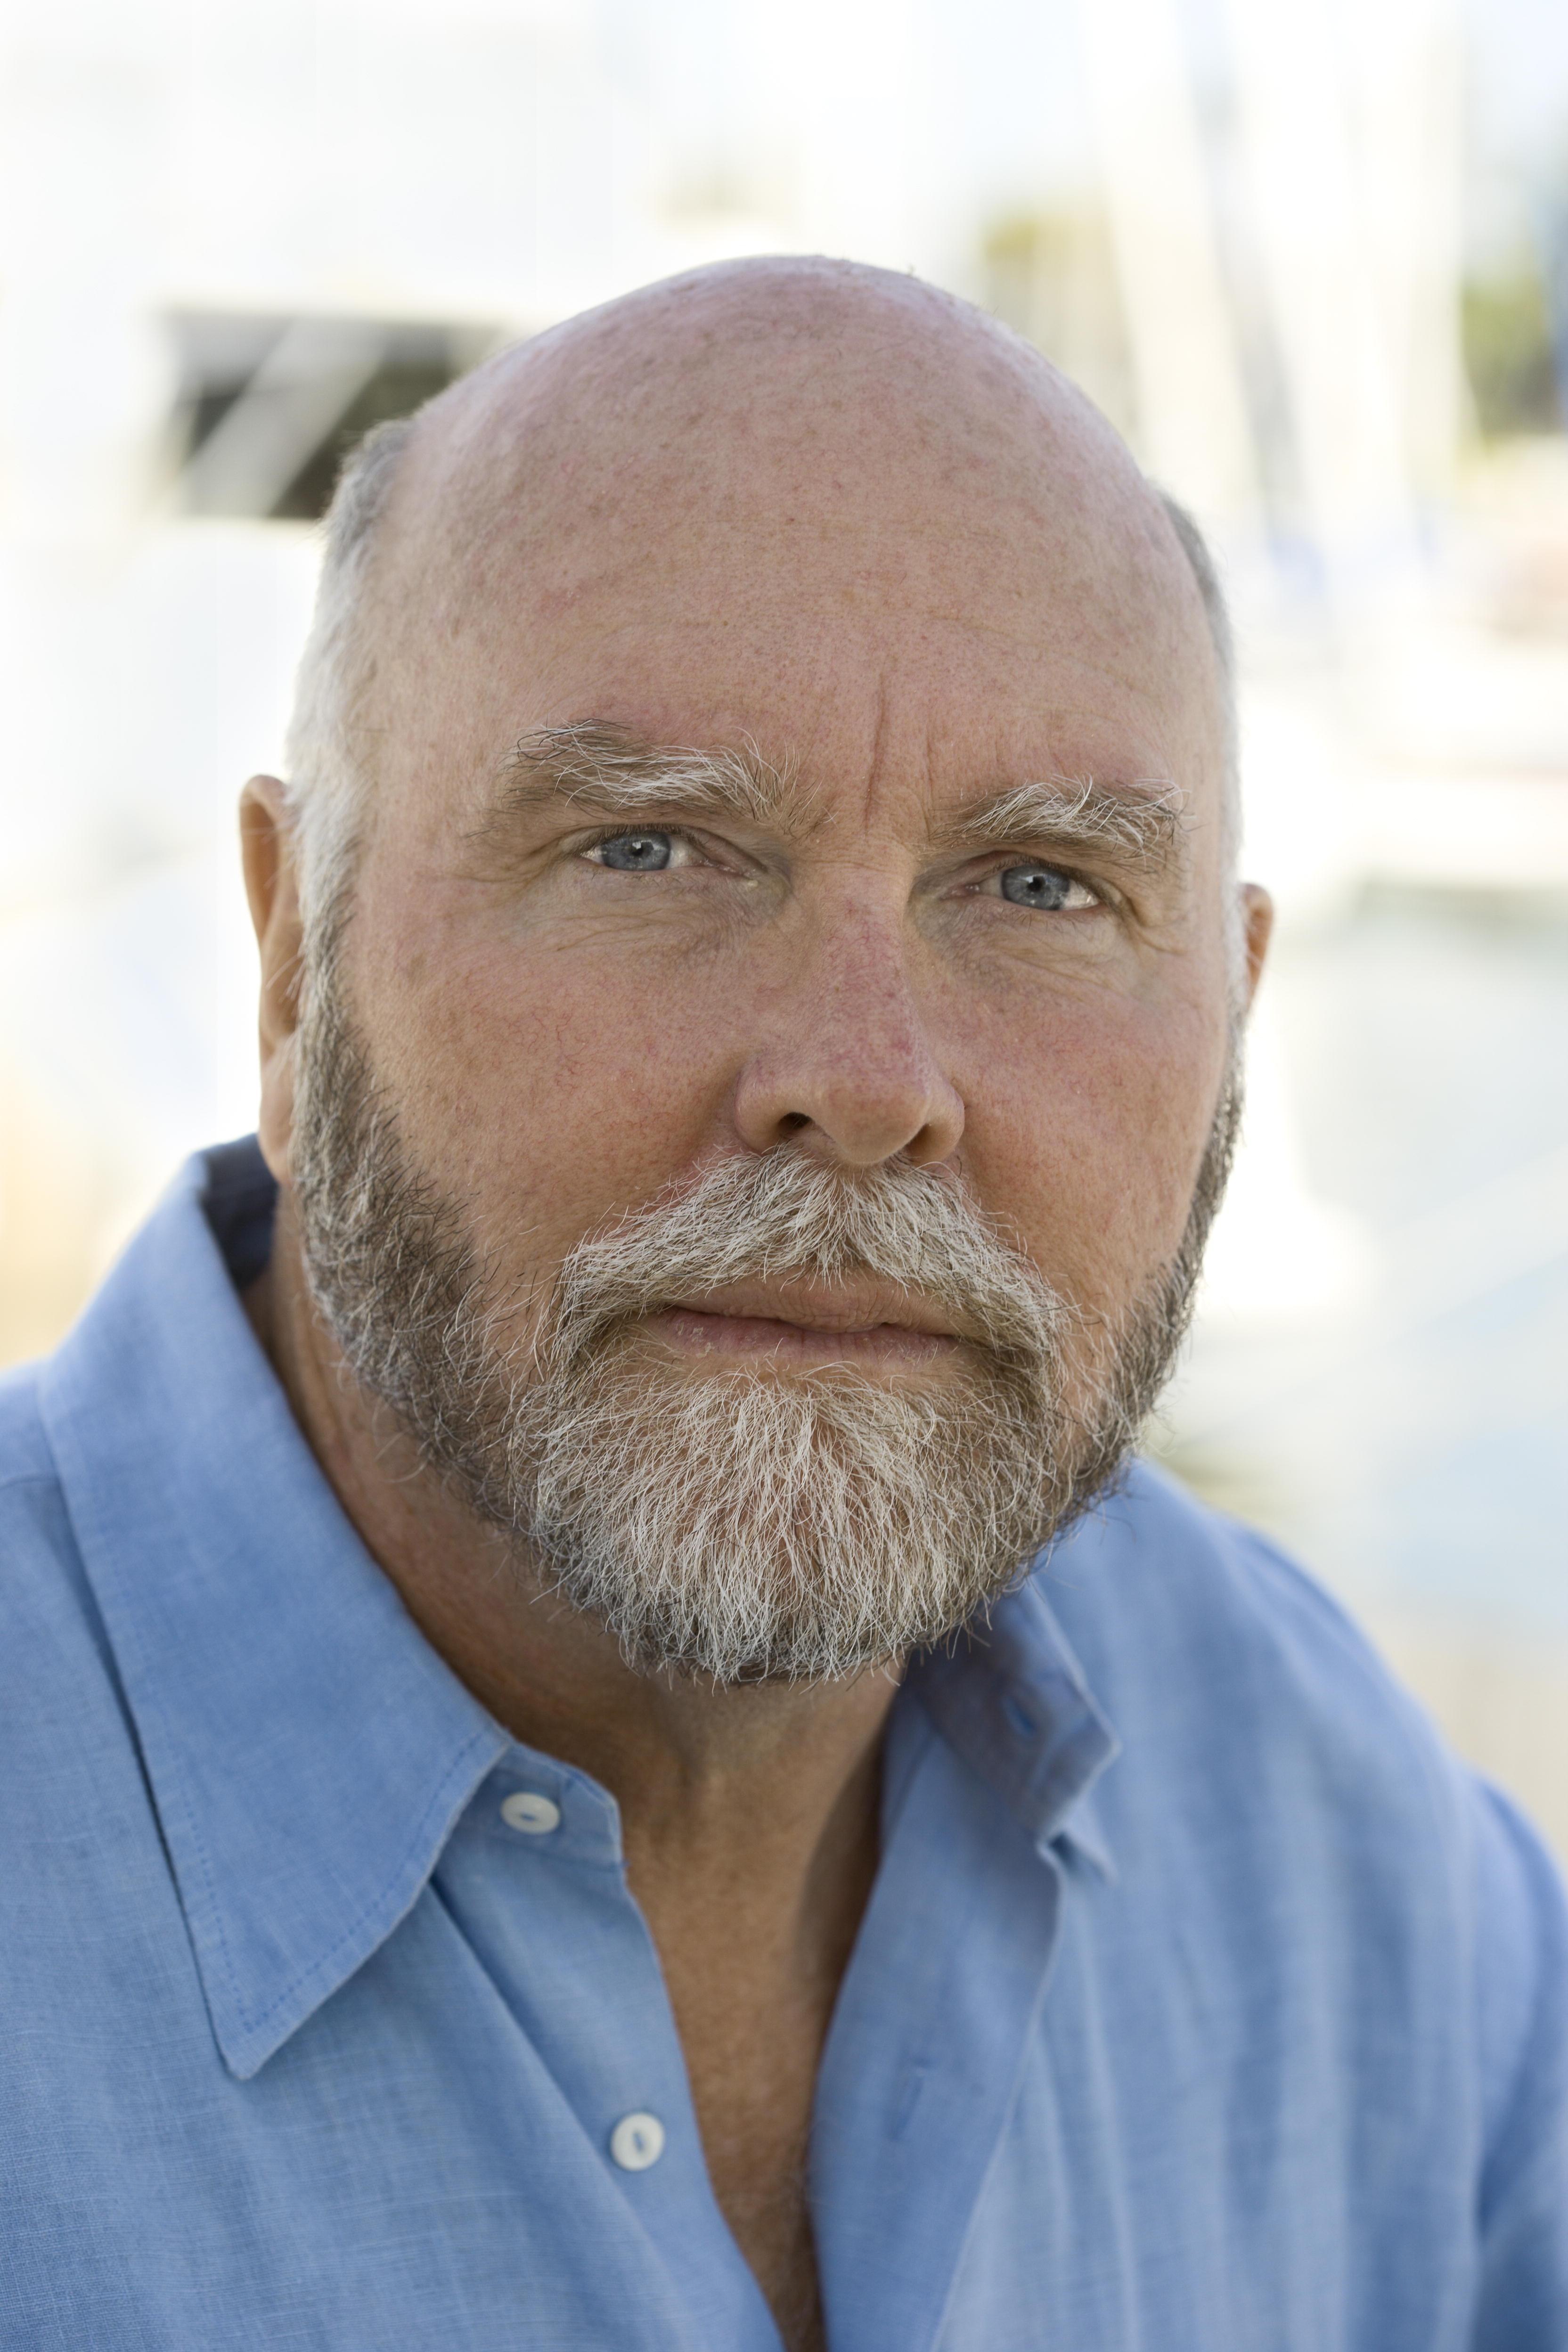 image of Craig Venter